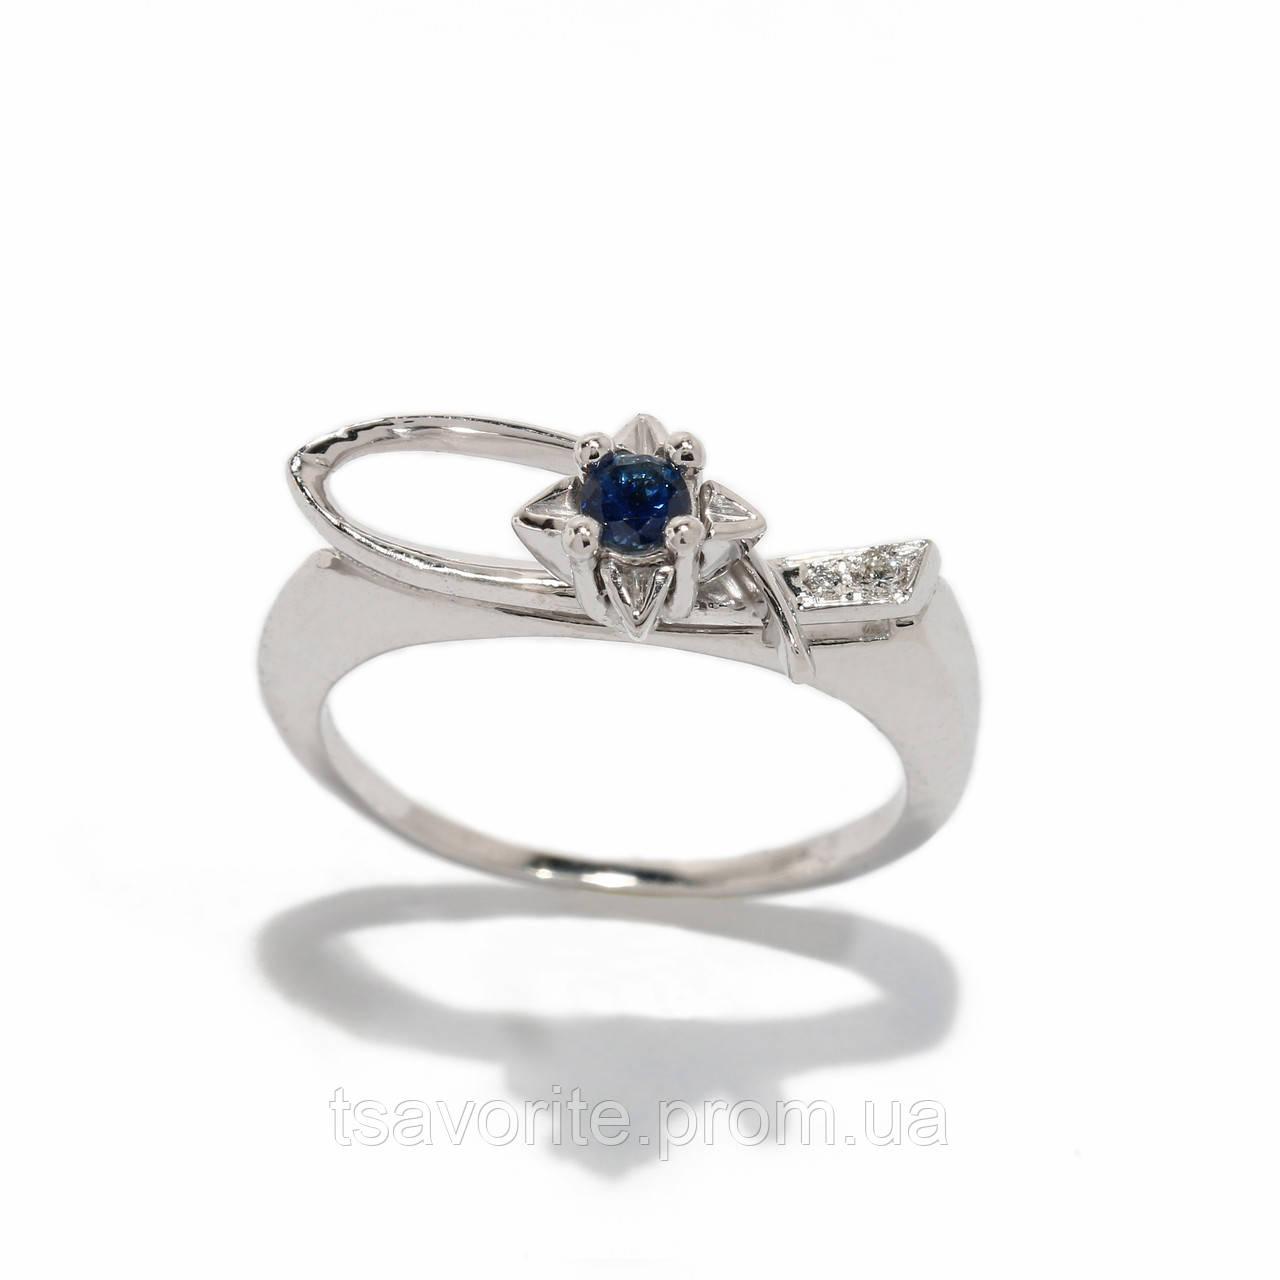 Золотое кольцо с сапфиром и бриллиантами 2231513